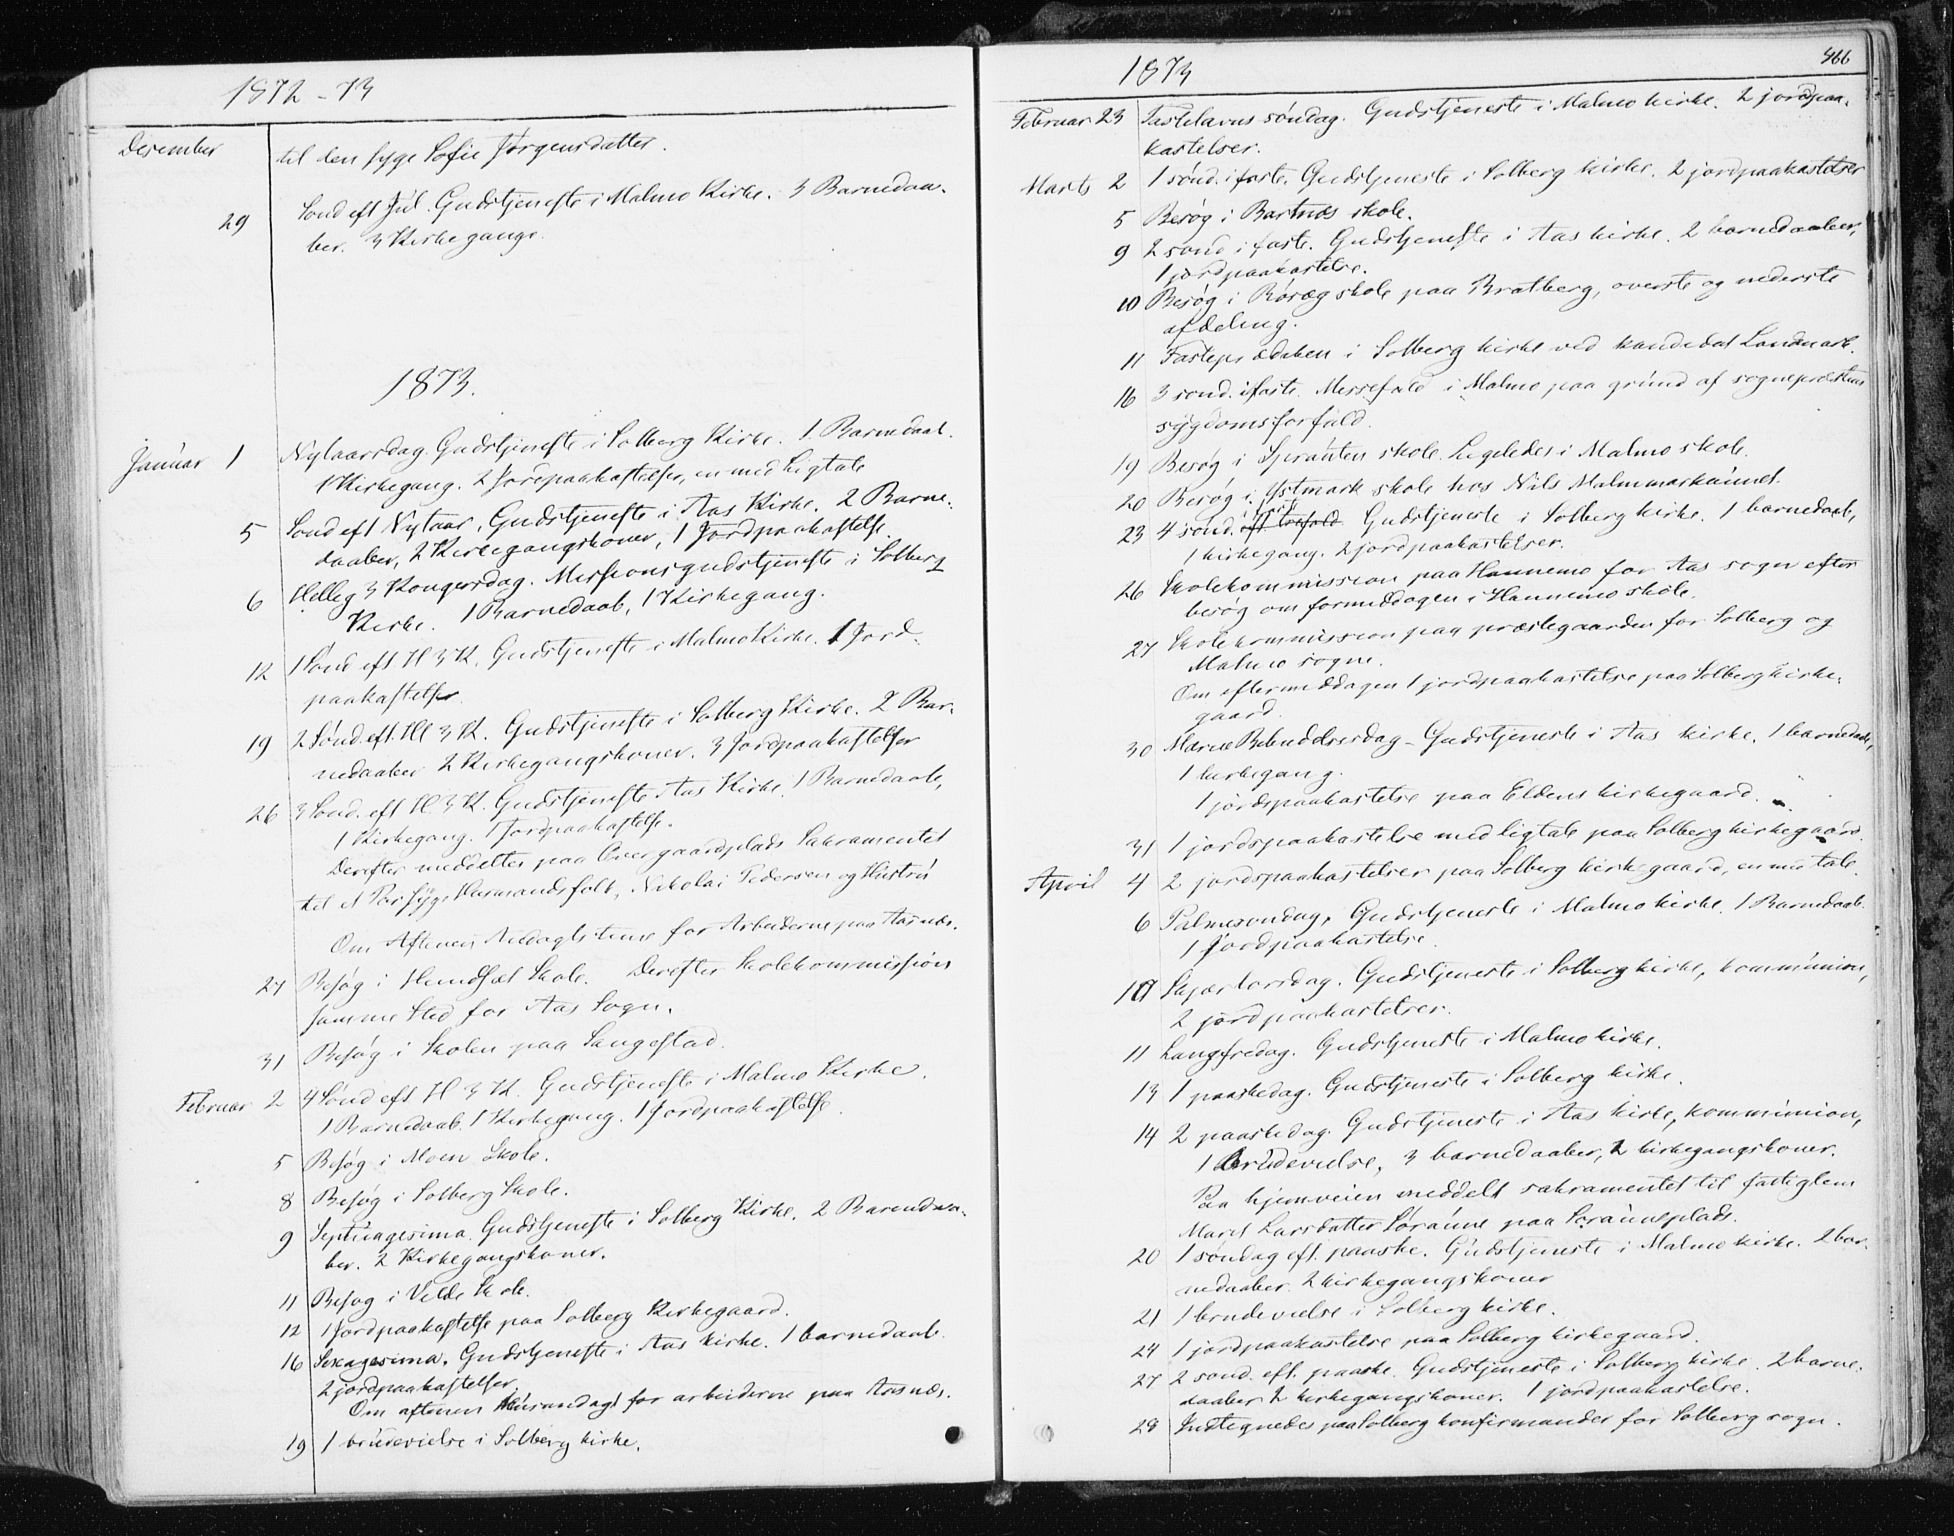 SAT, Ministerialprotokoller, klokkerbøker og fødselsregistre - Nord-Trøndelag, 741/L0394: Ministerialbok nr. 741A08, 1864-1877, s. 466